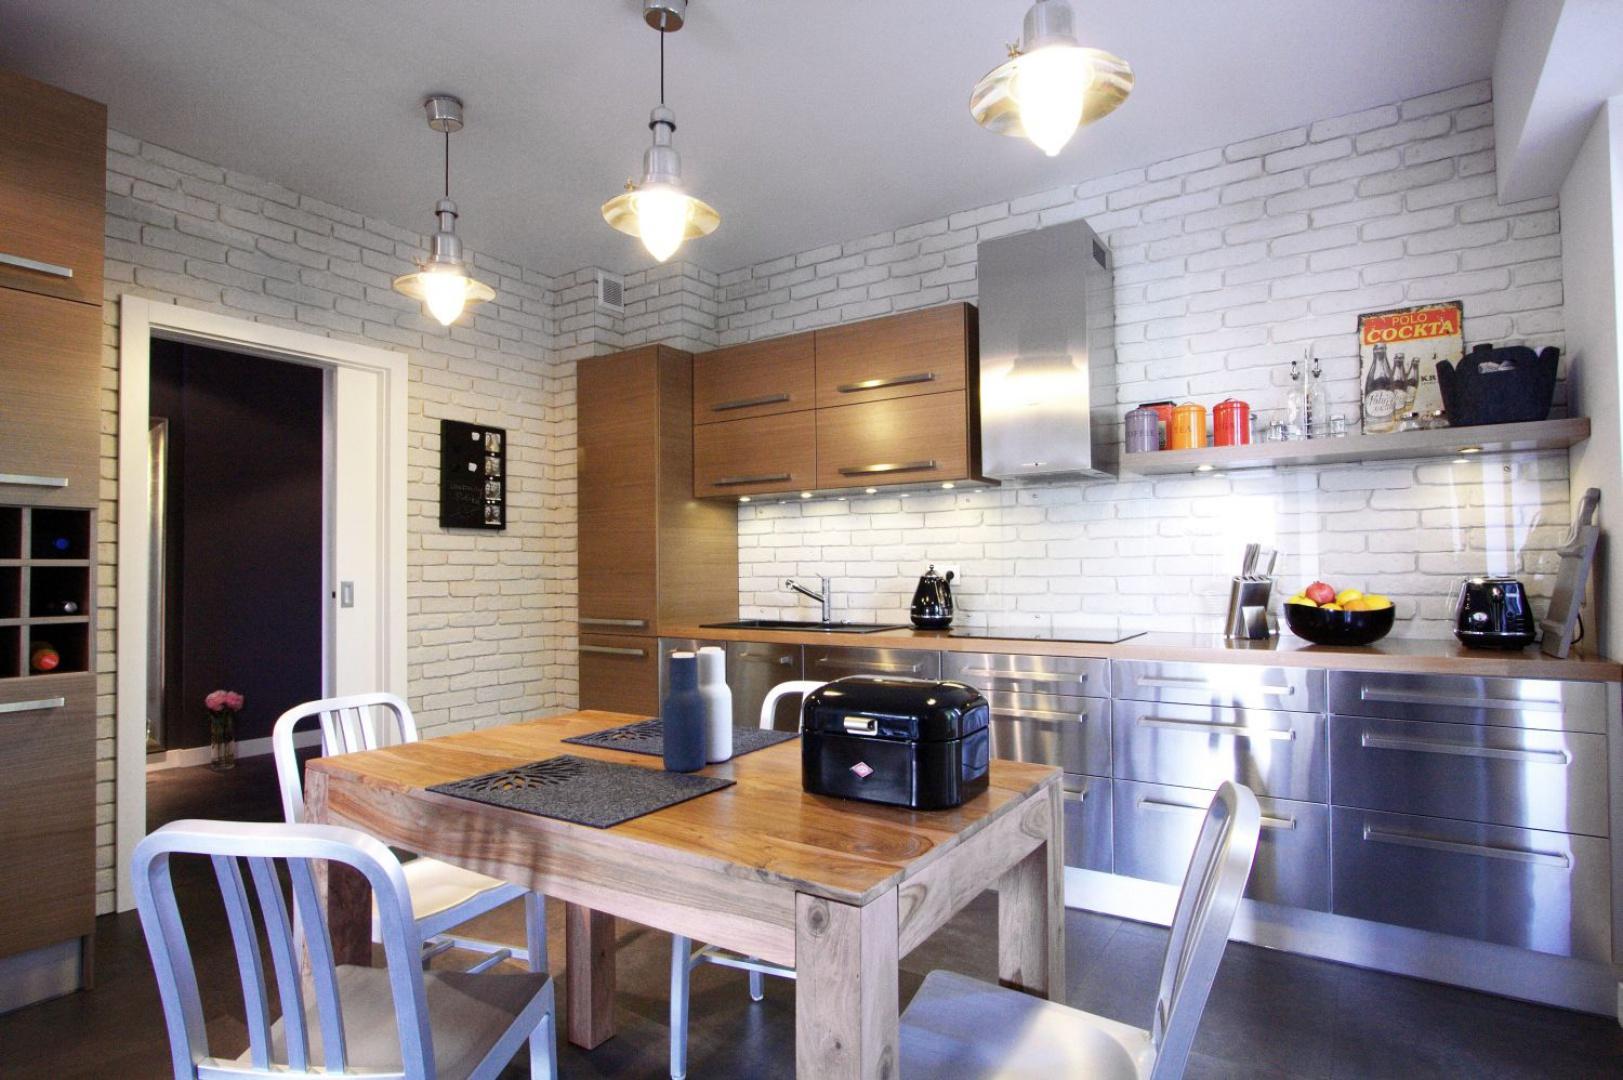 Część frontów zabudowy kuchennej wykonano ze stali, która nadaje przestrzeni surowy, industrialny klimat. Metalowe powierzchnie idealnie harmonizują z technicznym oświetleniem nad stołem. Projekt i zdjęcia: Soma Architekci.